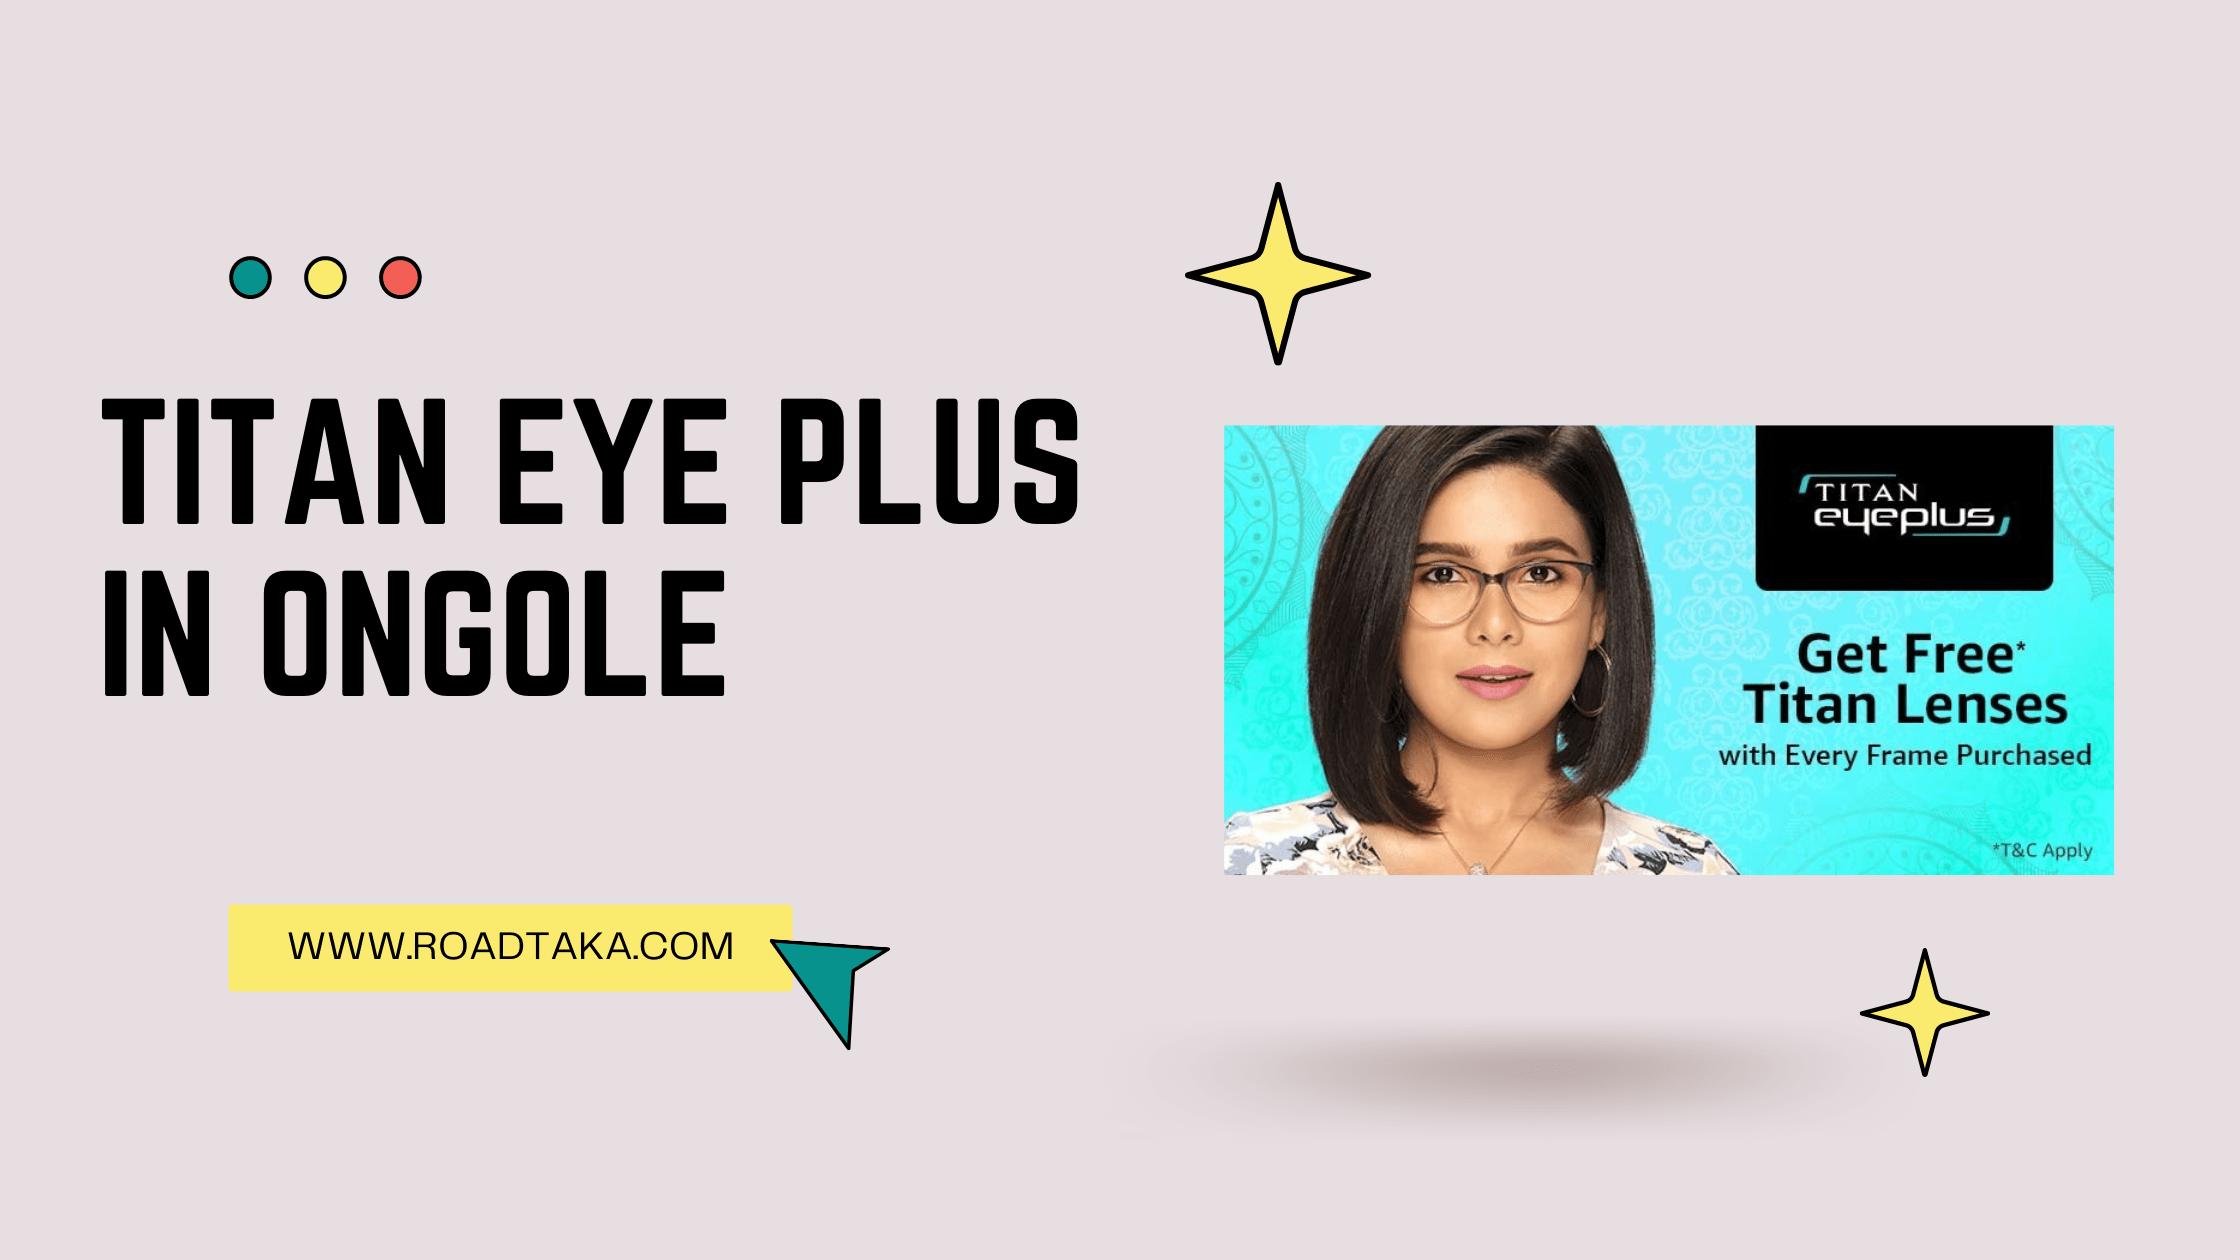 Titan Eye Plus in Ongole